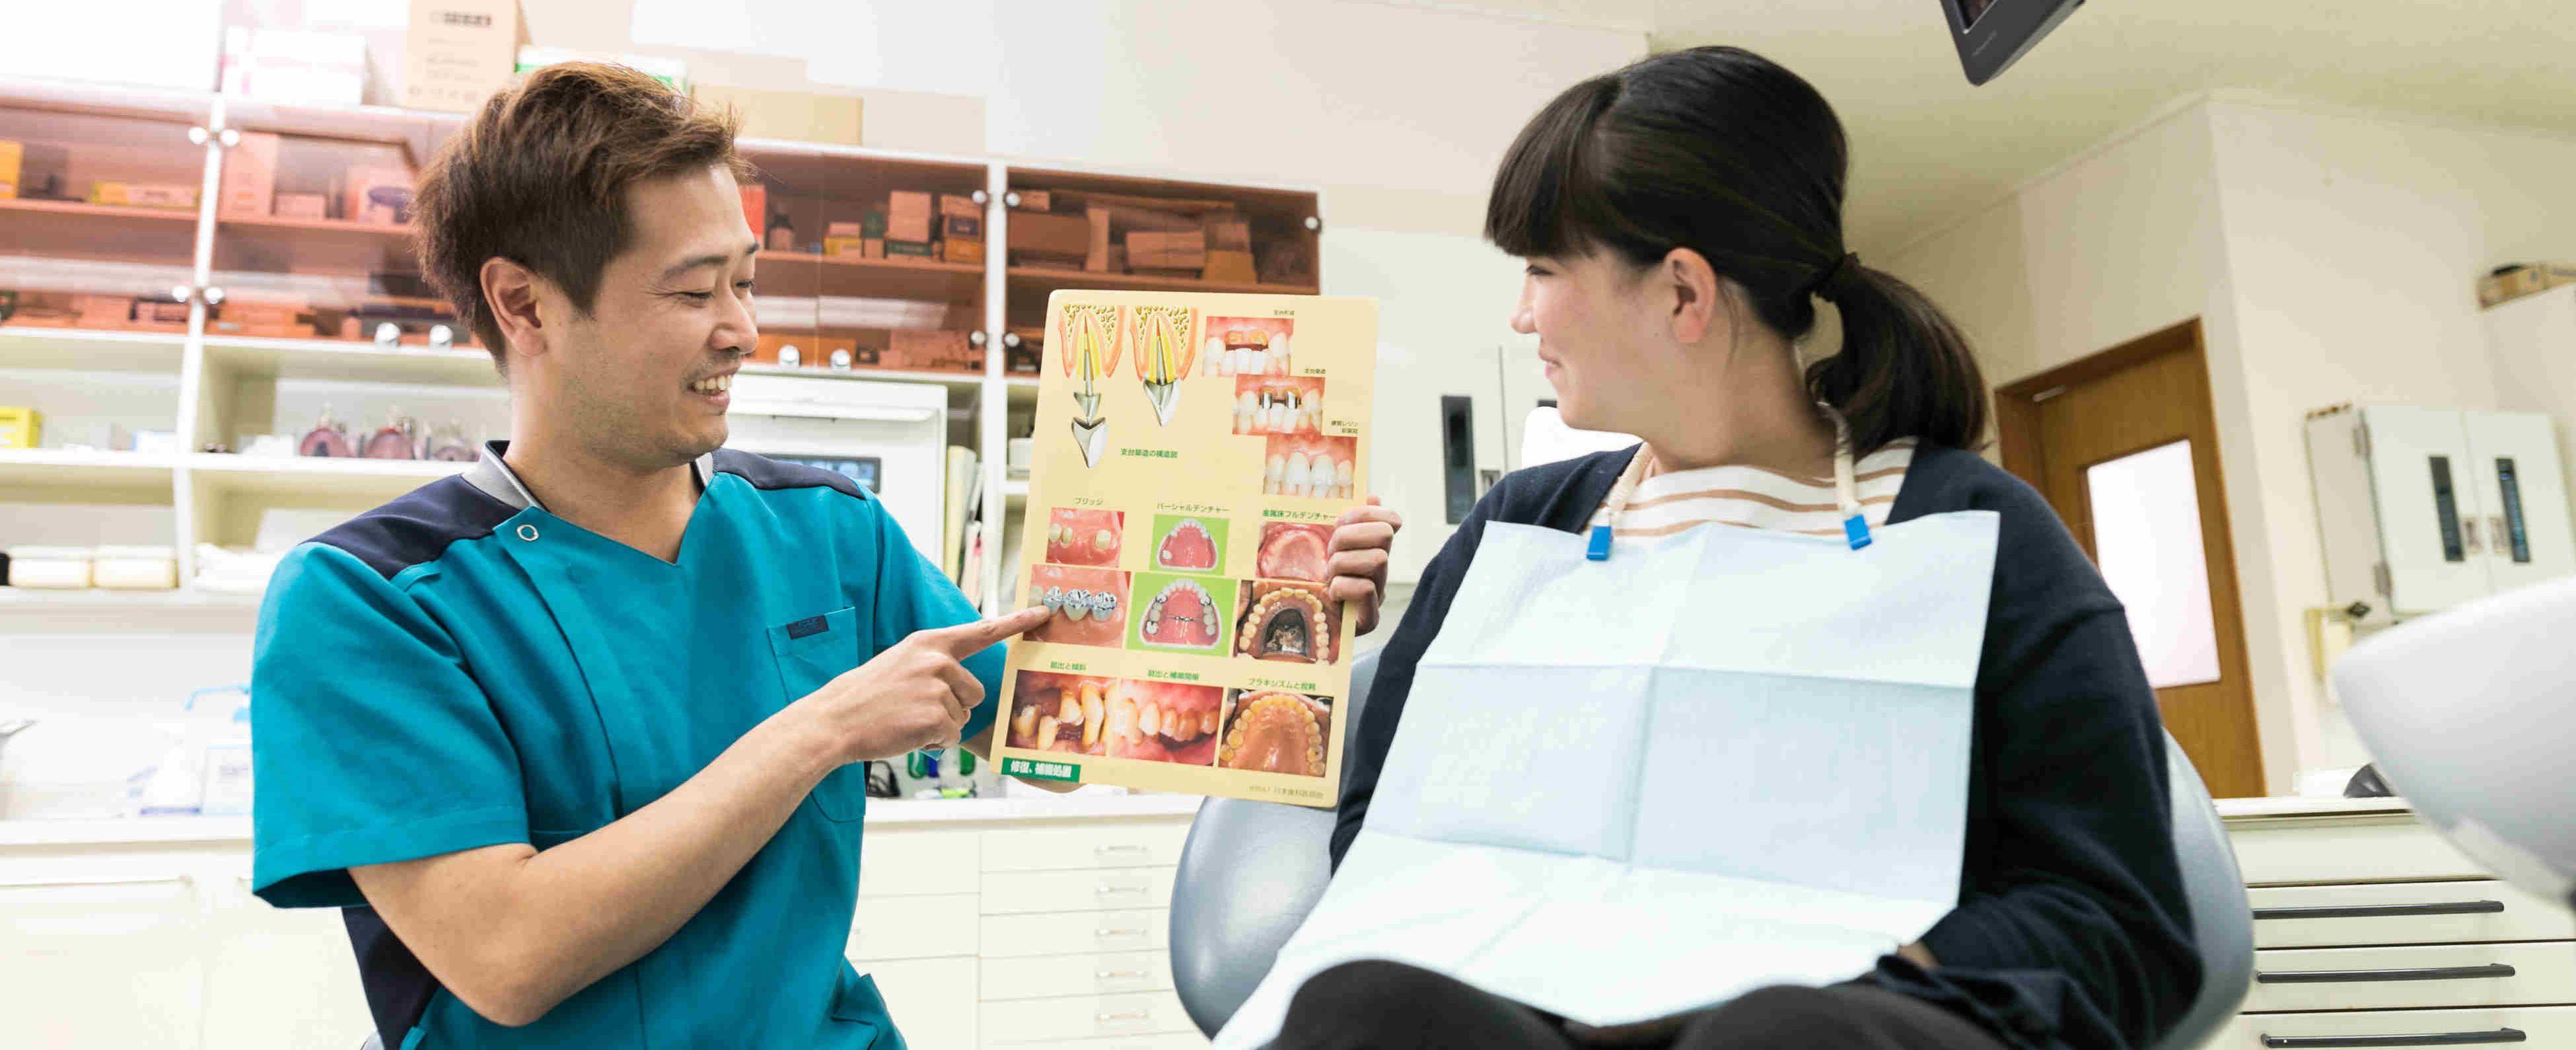 治療計画|白河の須藤歯科医院